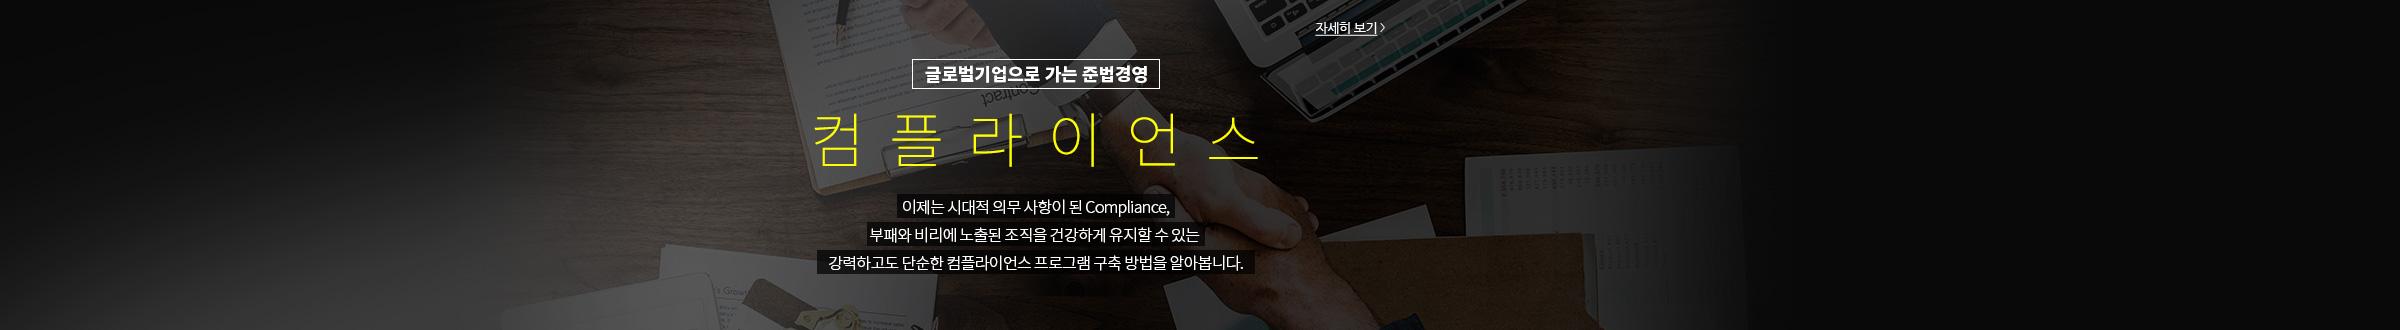 글로벌기업으로 가는 준법경영, 컴플라이언스